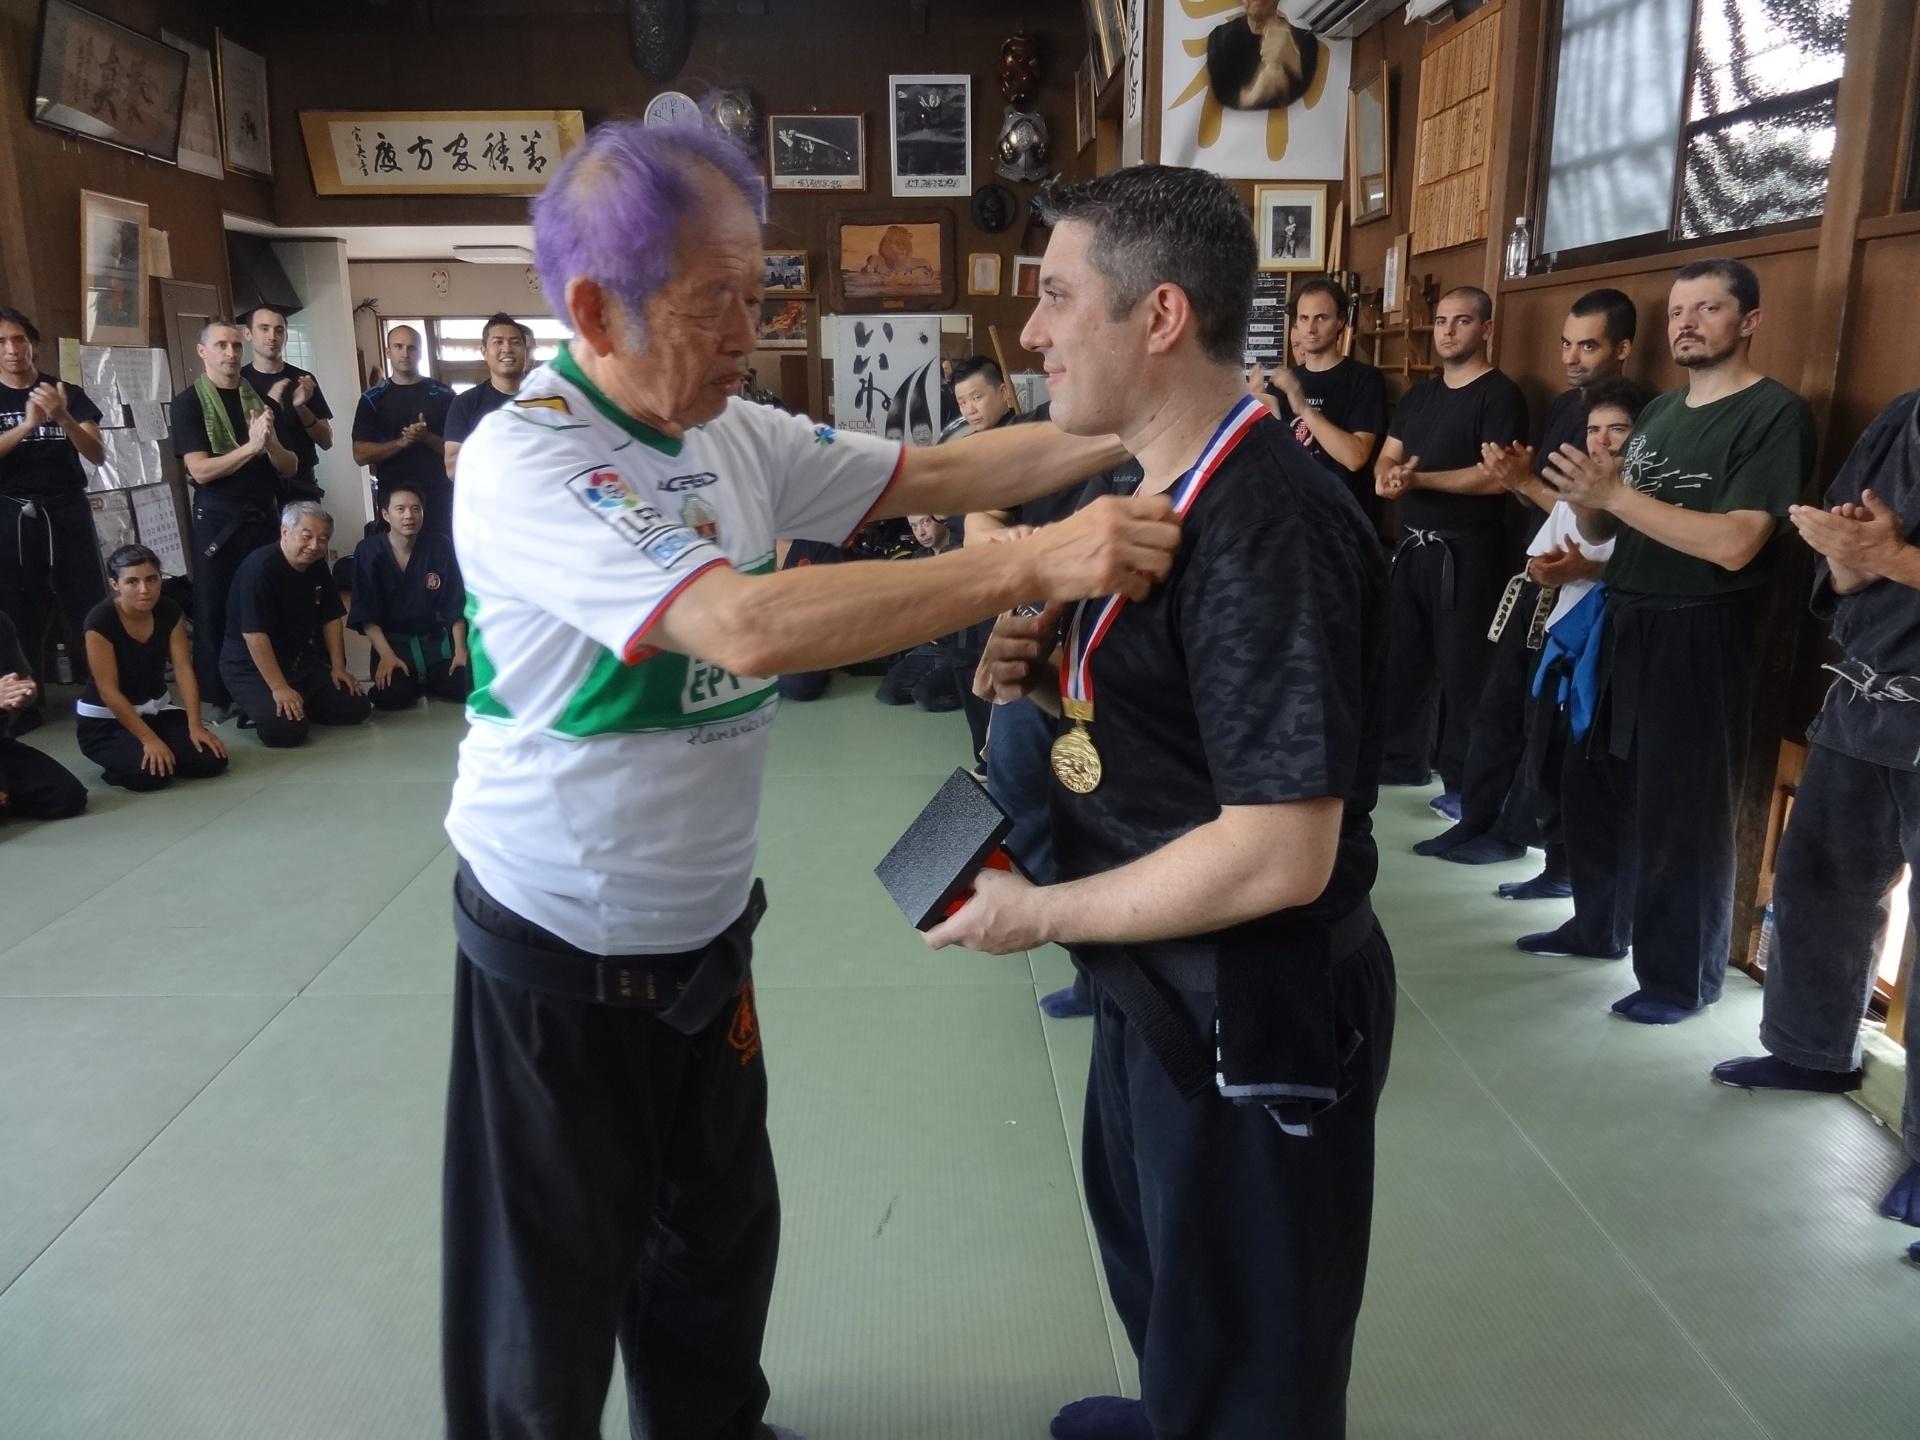 Hatsumi Masaaki, herdeiro de um clã ninja, entrega medalha a seu aluno brasileiro; o ninja japonês também é torcedor de futebol